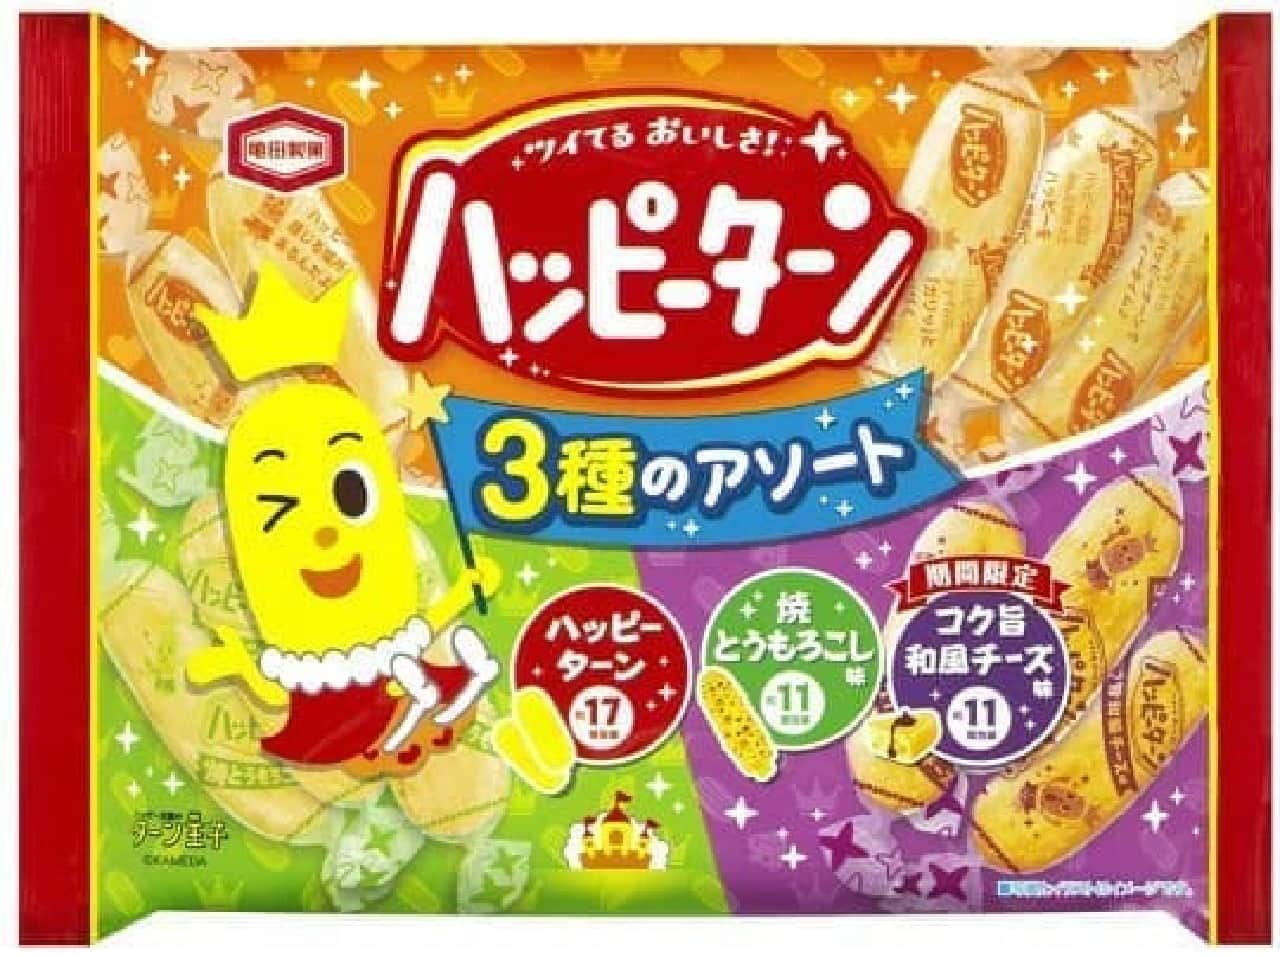 亀田製菓「ハッピーターン 3種のアソート」